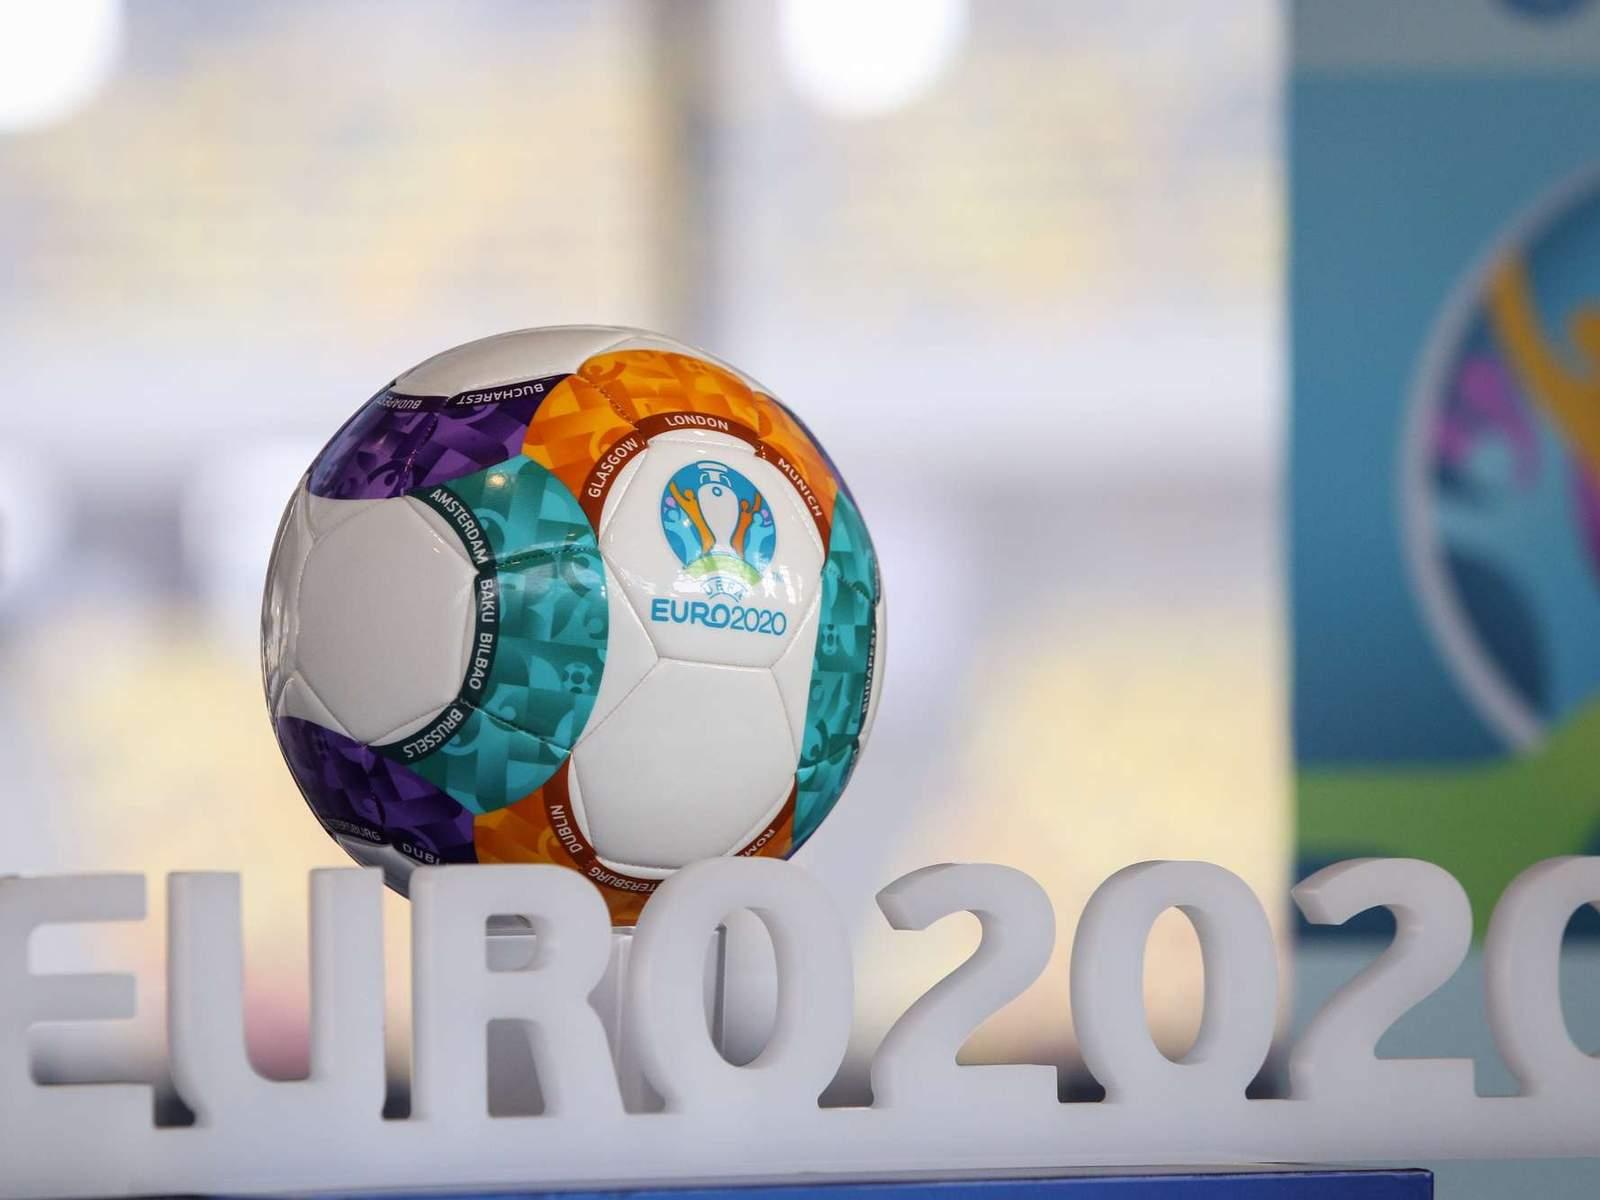 УЕФА обязан перенести чемпионат Европы по футболу на 2021 год